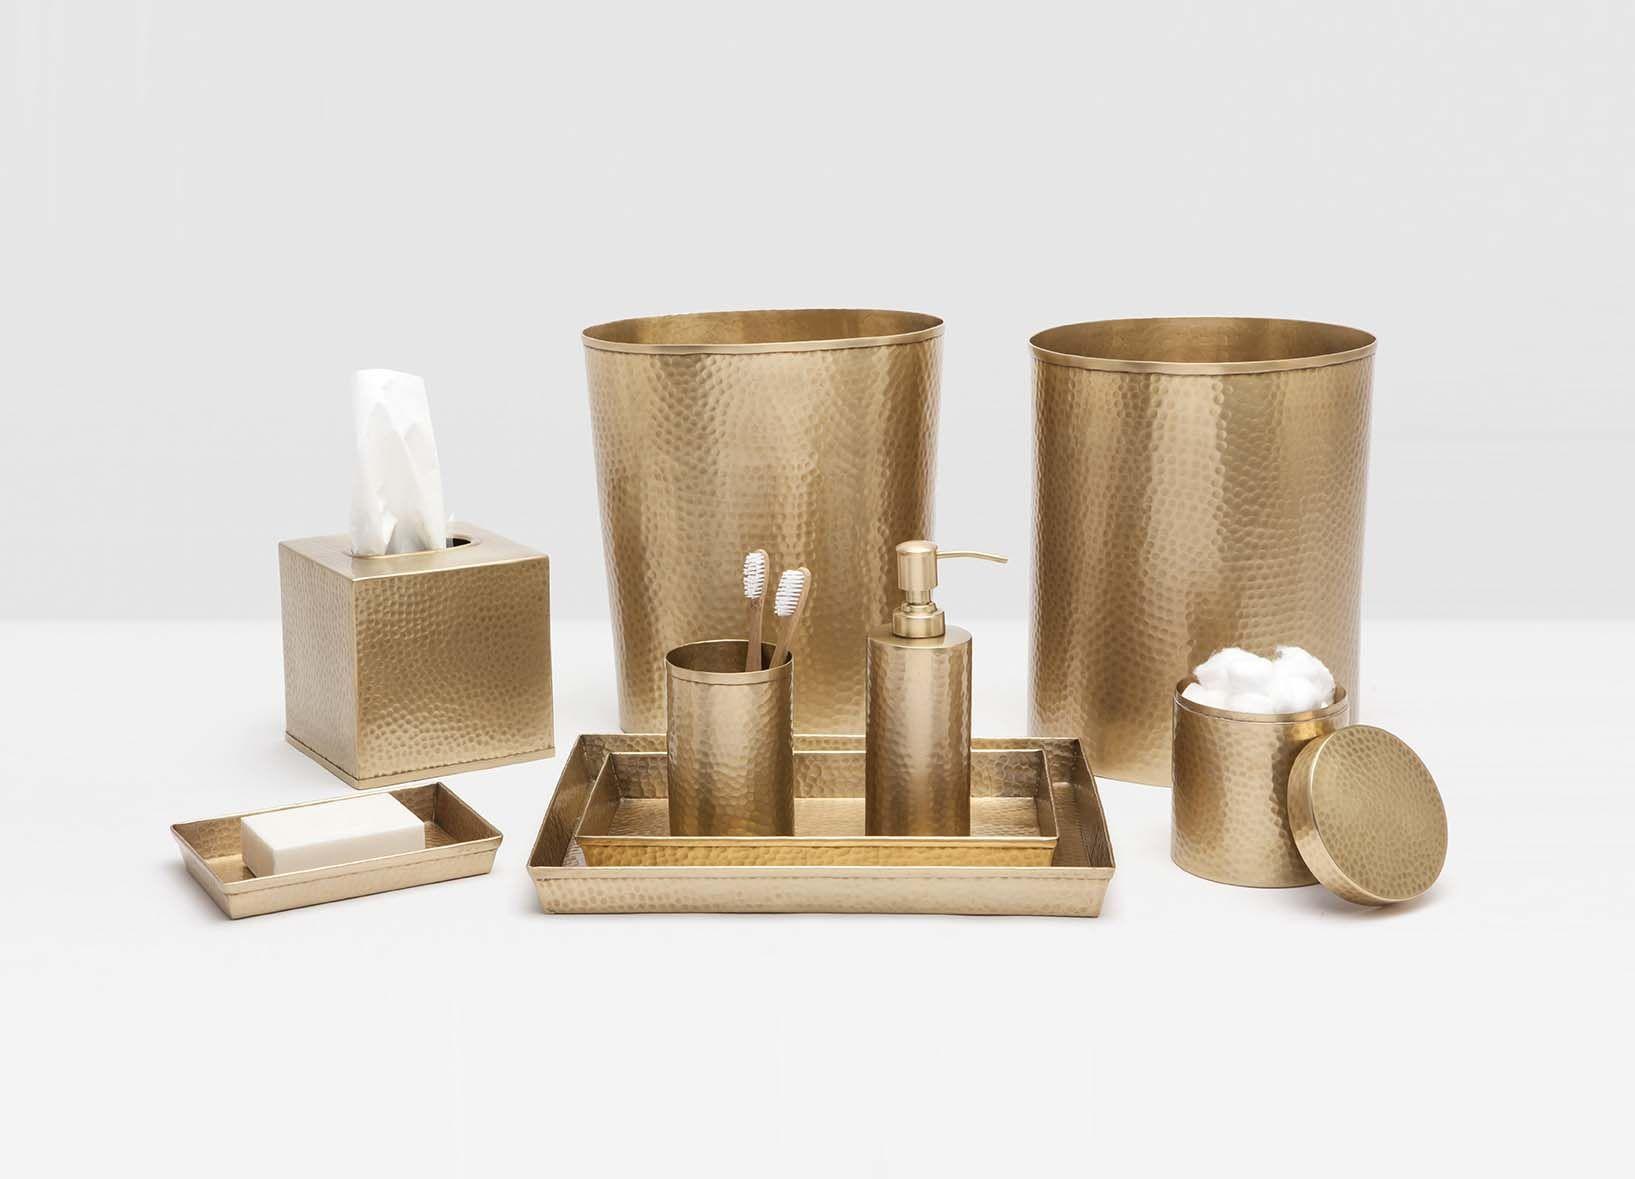 Verum Bath Collection In Antique Brass Brass Bathroom Accessories Bathroom Accessories Brass Bathroom